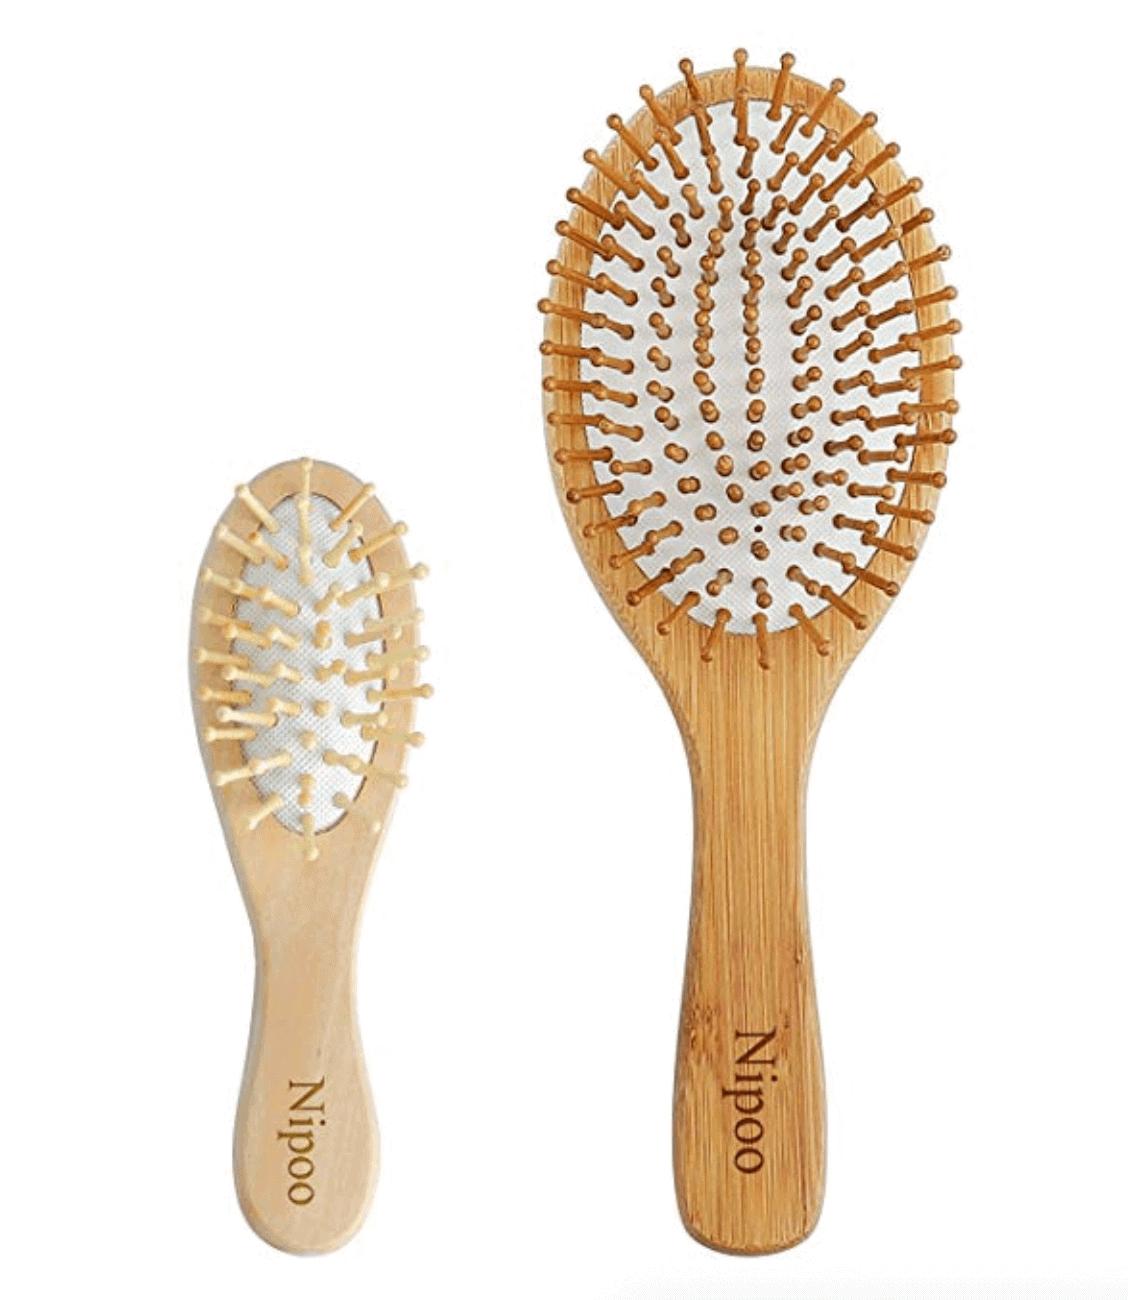 Sustainable travel gift ideas - Bamboo travel size hairbrush